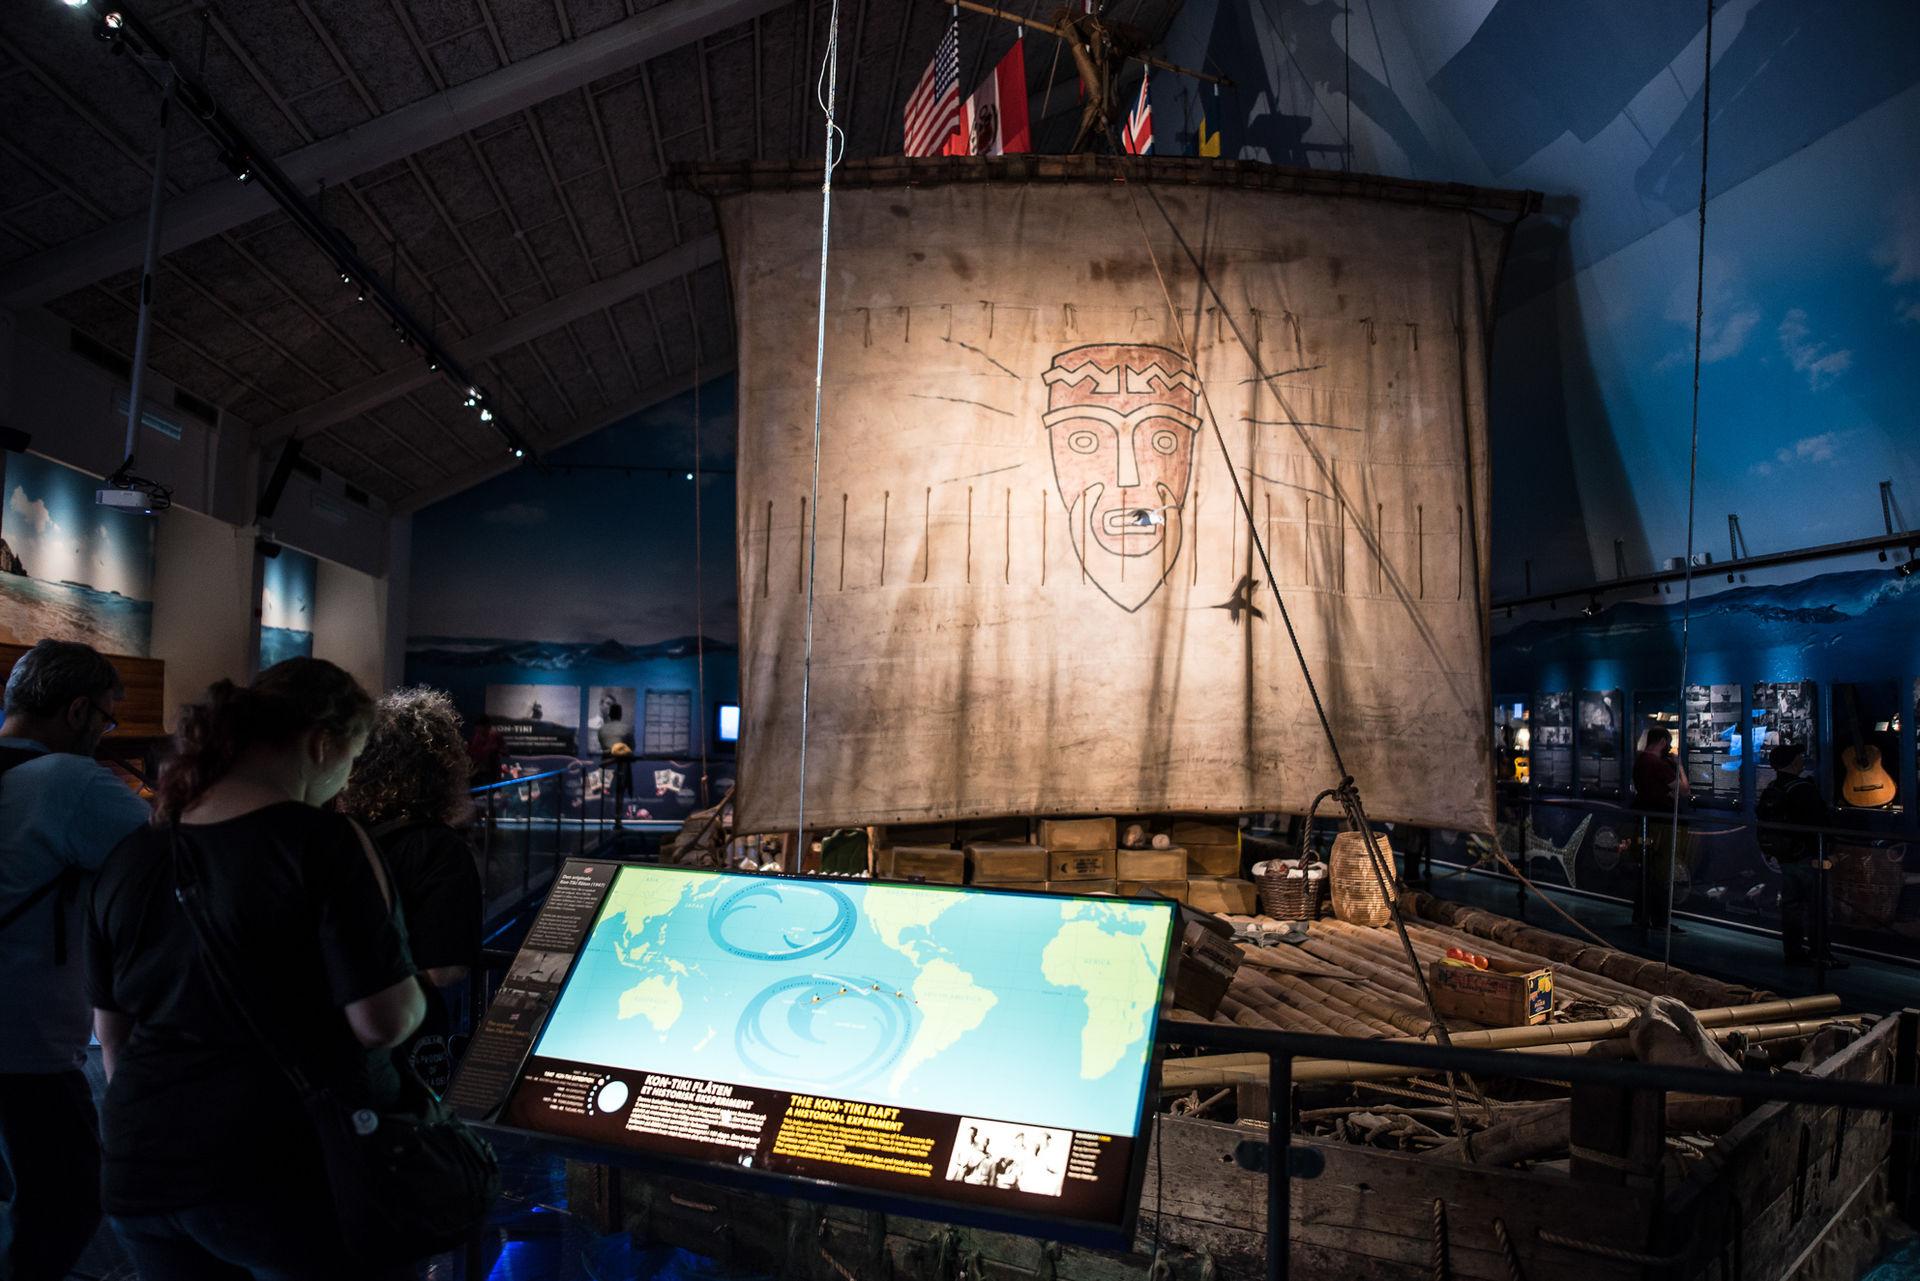 museo-kon-tiki-oslo-noruega-2017-204-102